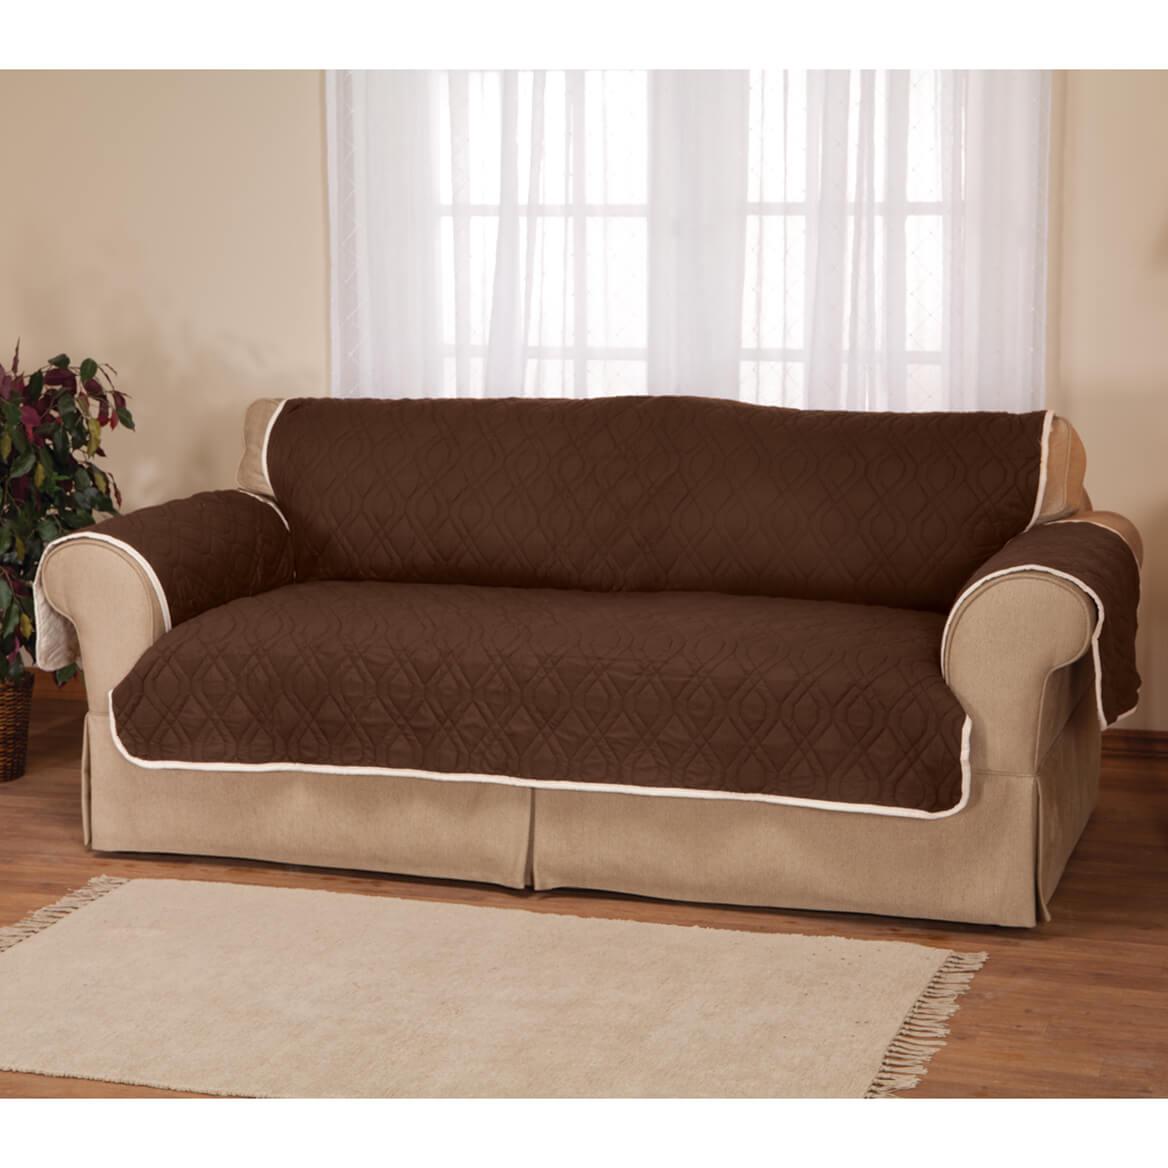 waterproof sofa protector paris levallois sofascore 5 star reversible cover